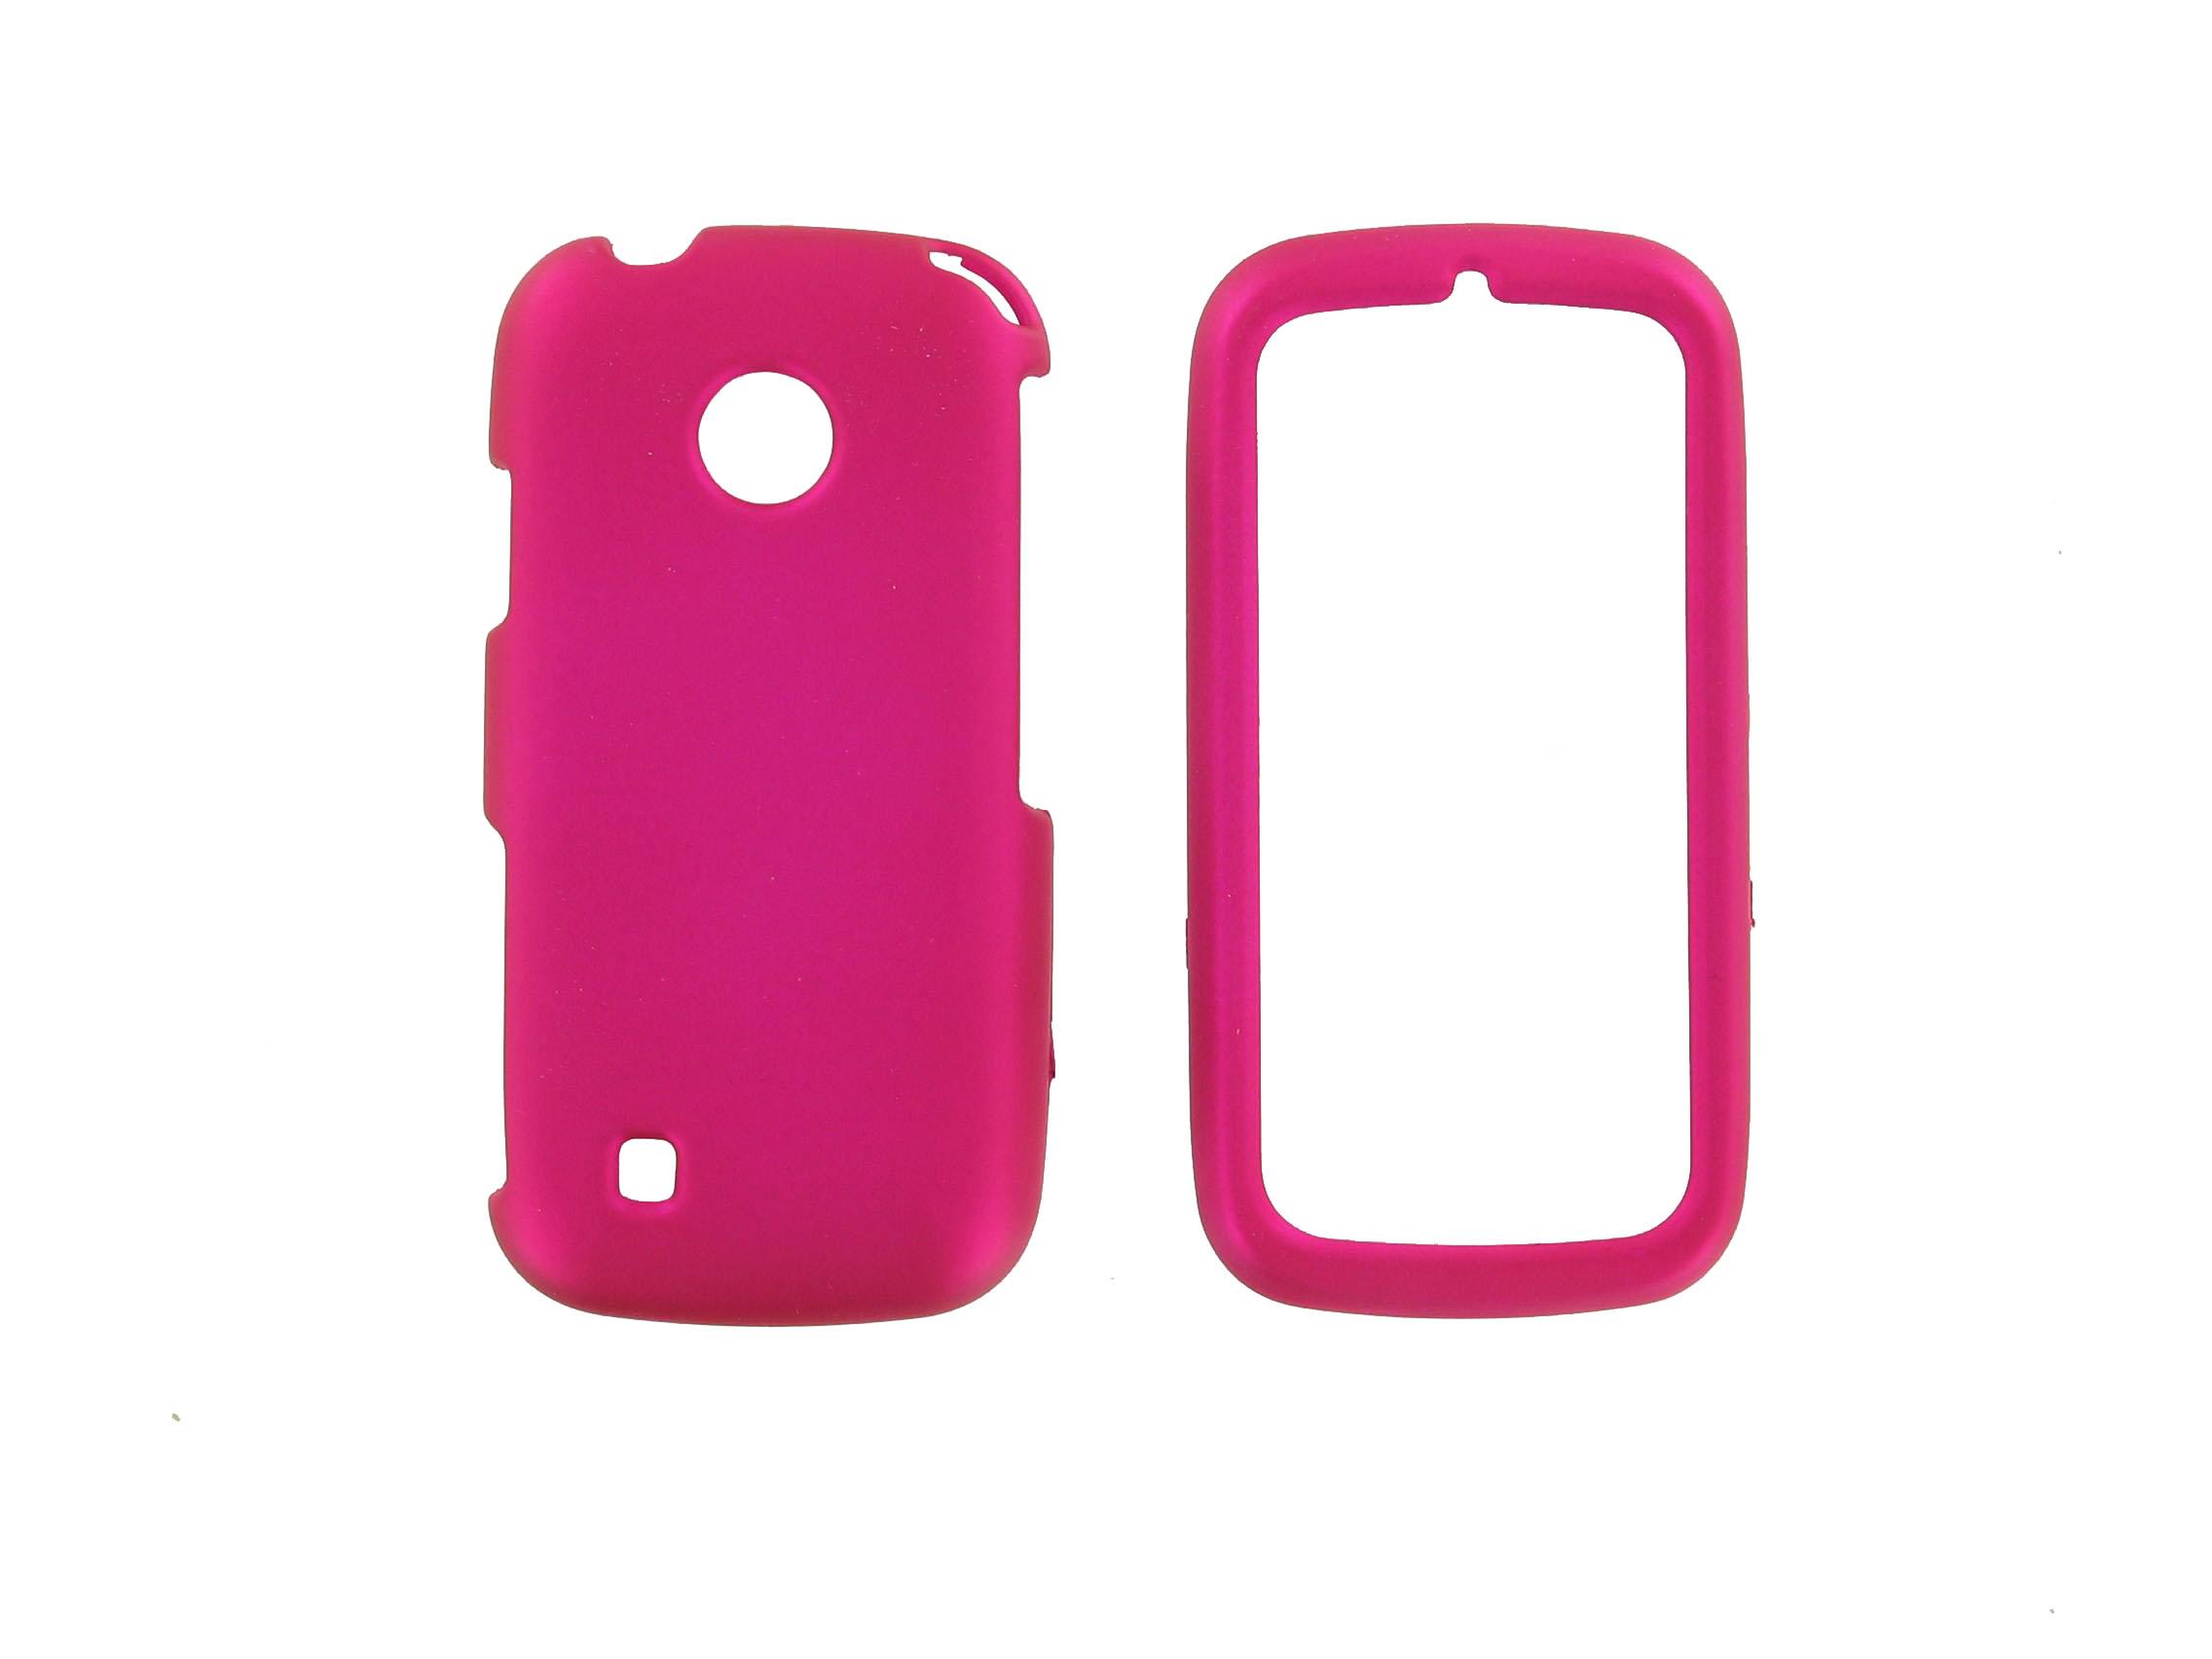 nTelos Snap-On Case for LG AN270, UN270, Cosmos Touch, Attune, Beacon - Pink